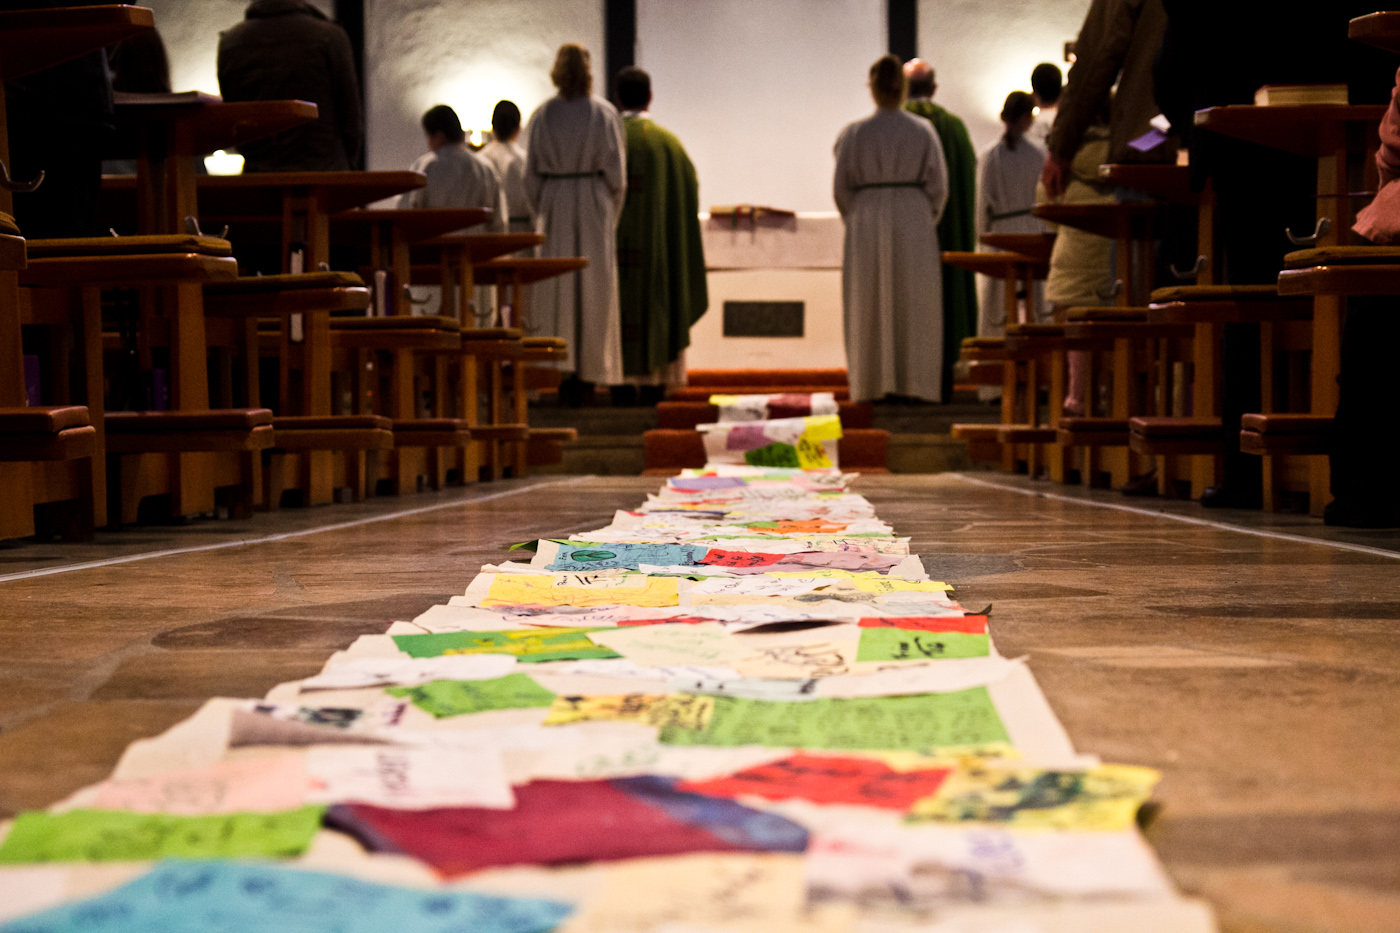 Come Servire La Messa.Schema Per Il Servizio Alla Messa Festiva Ministrantiok Com